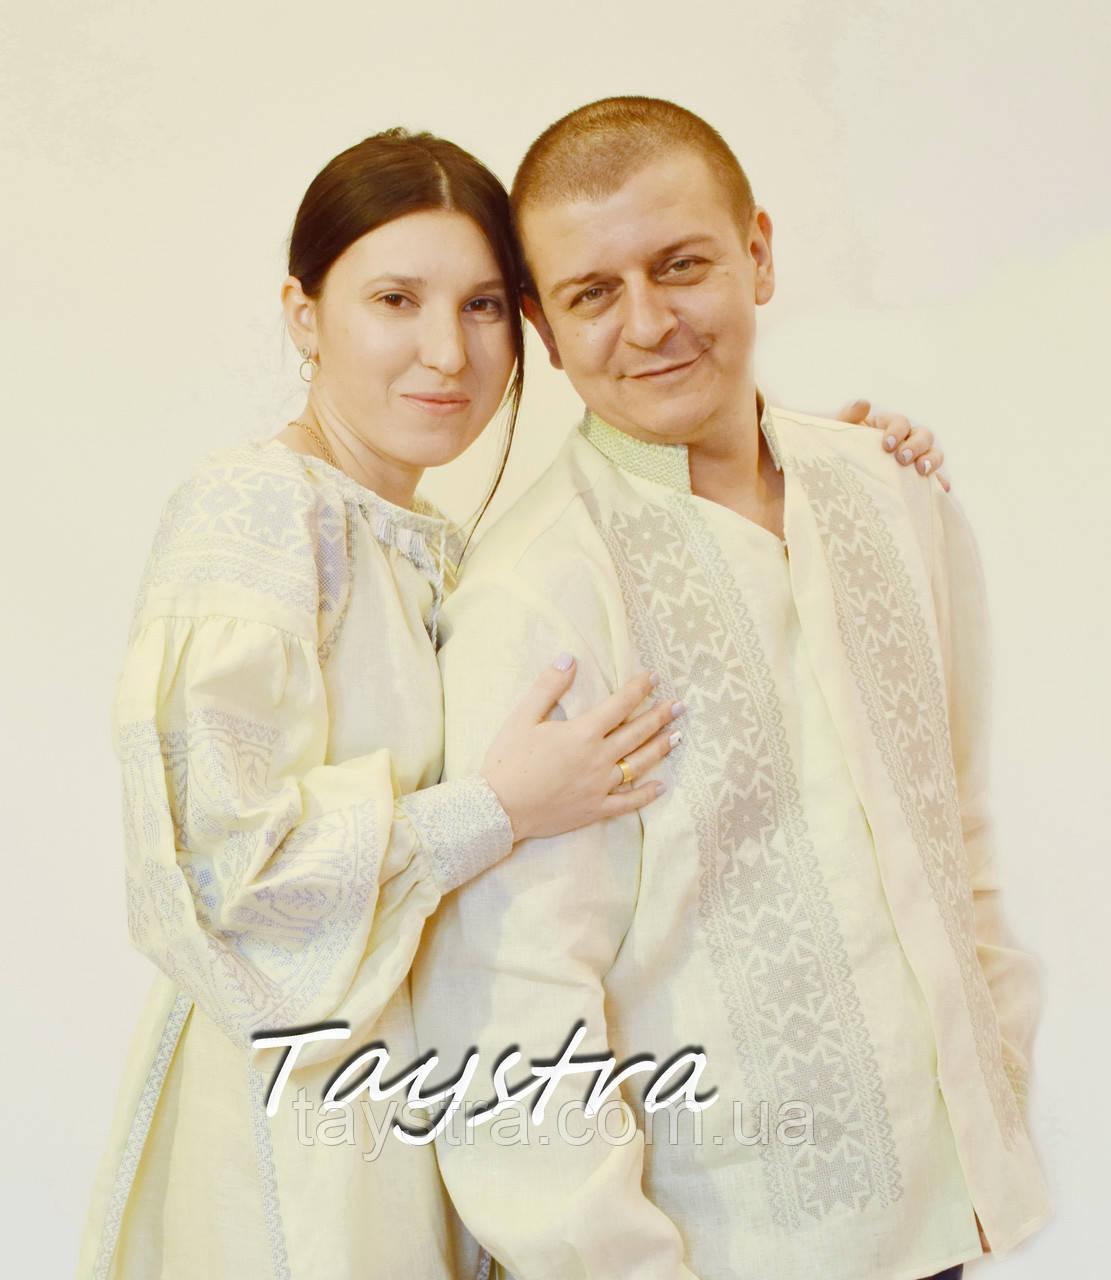 Парная одежда вышитая бохо лен для двоих, на свадьбу, вышиванки для семьи, вышиванка лен, этностиль